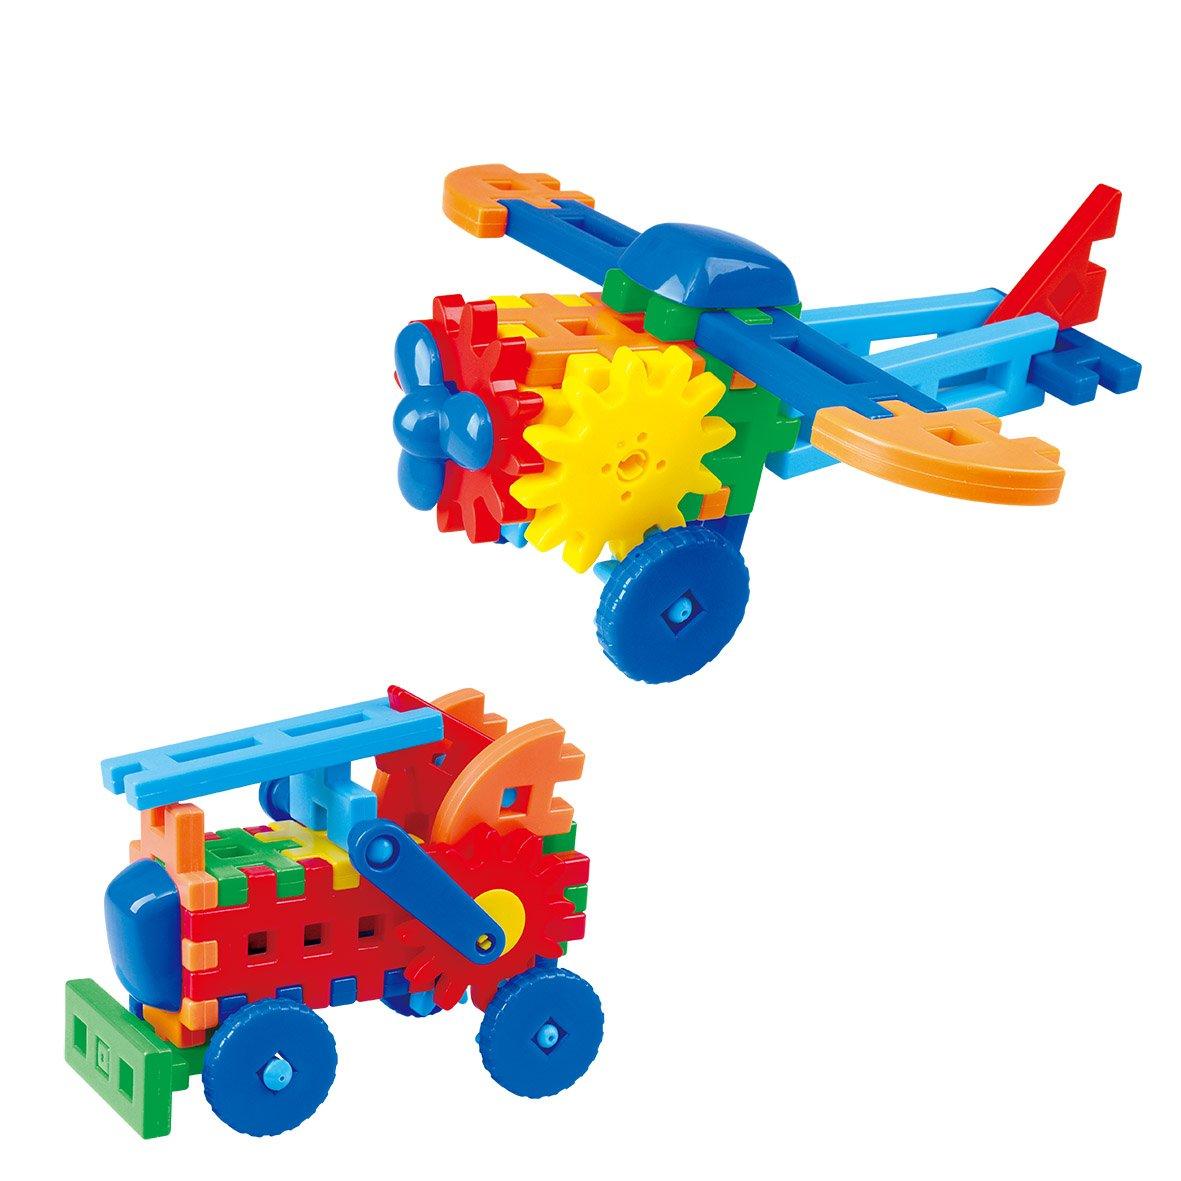 Игровой набор - Маленький инженерКонструкторы других производителей<br>Игровой набор - Маленький инженер<br>